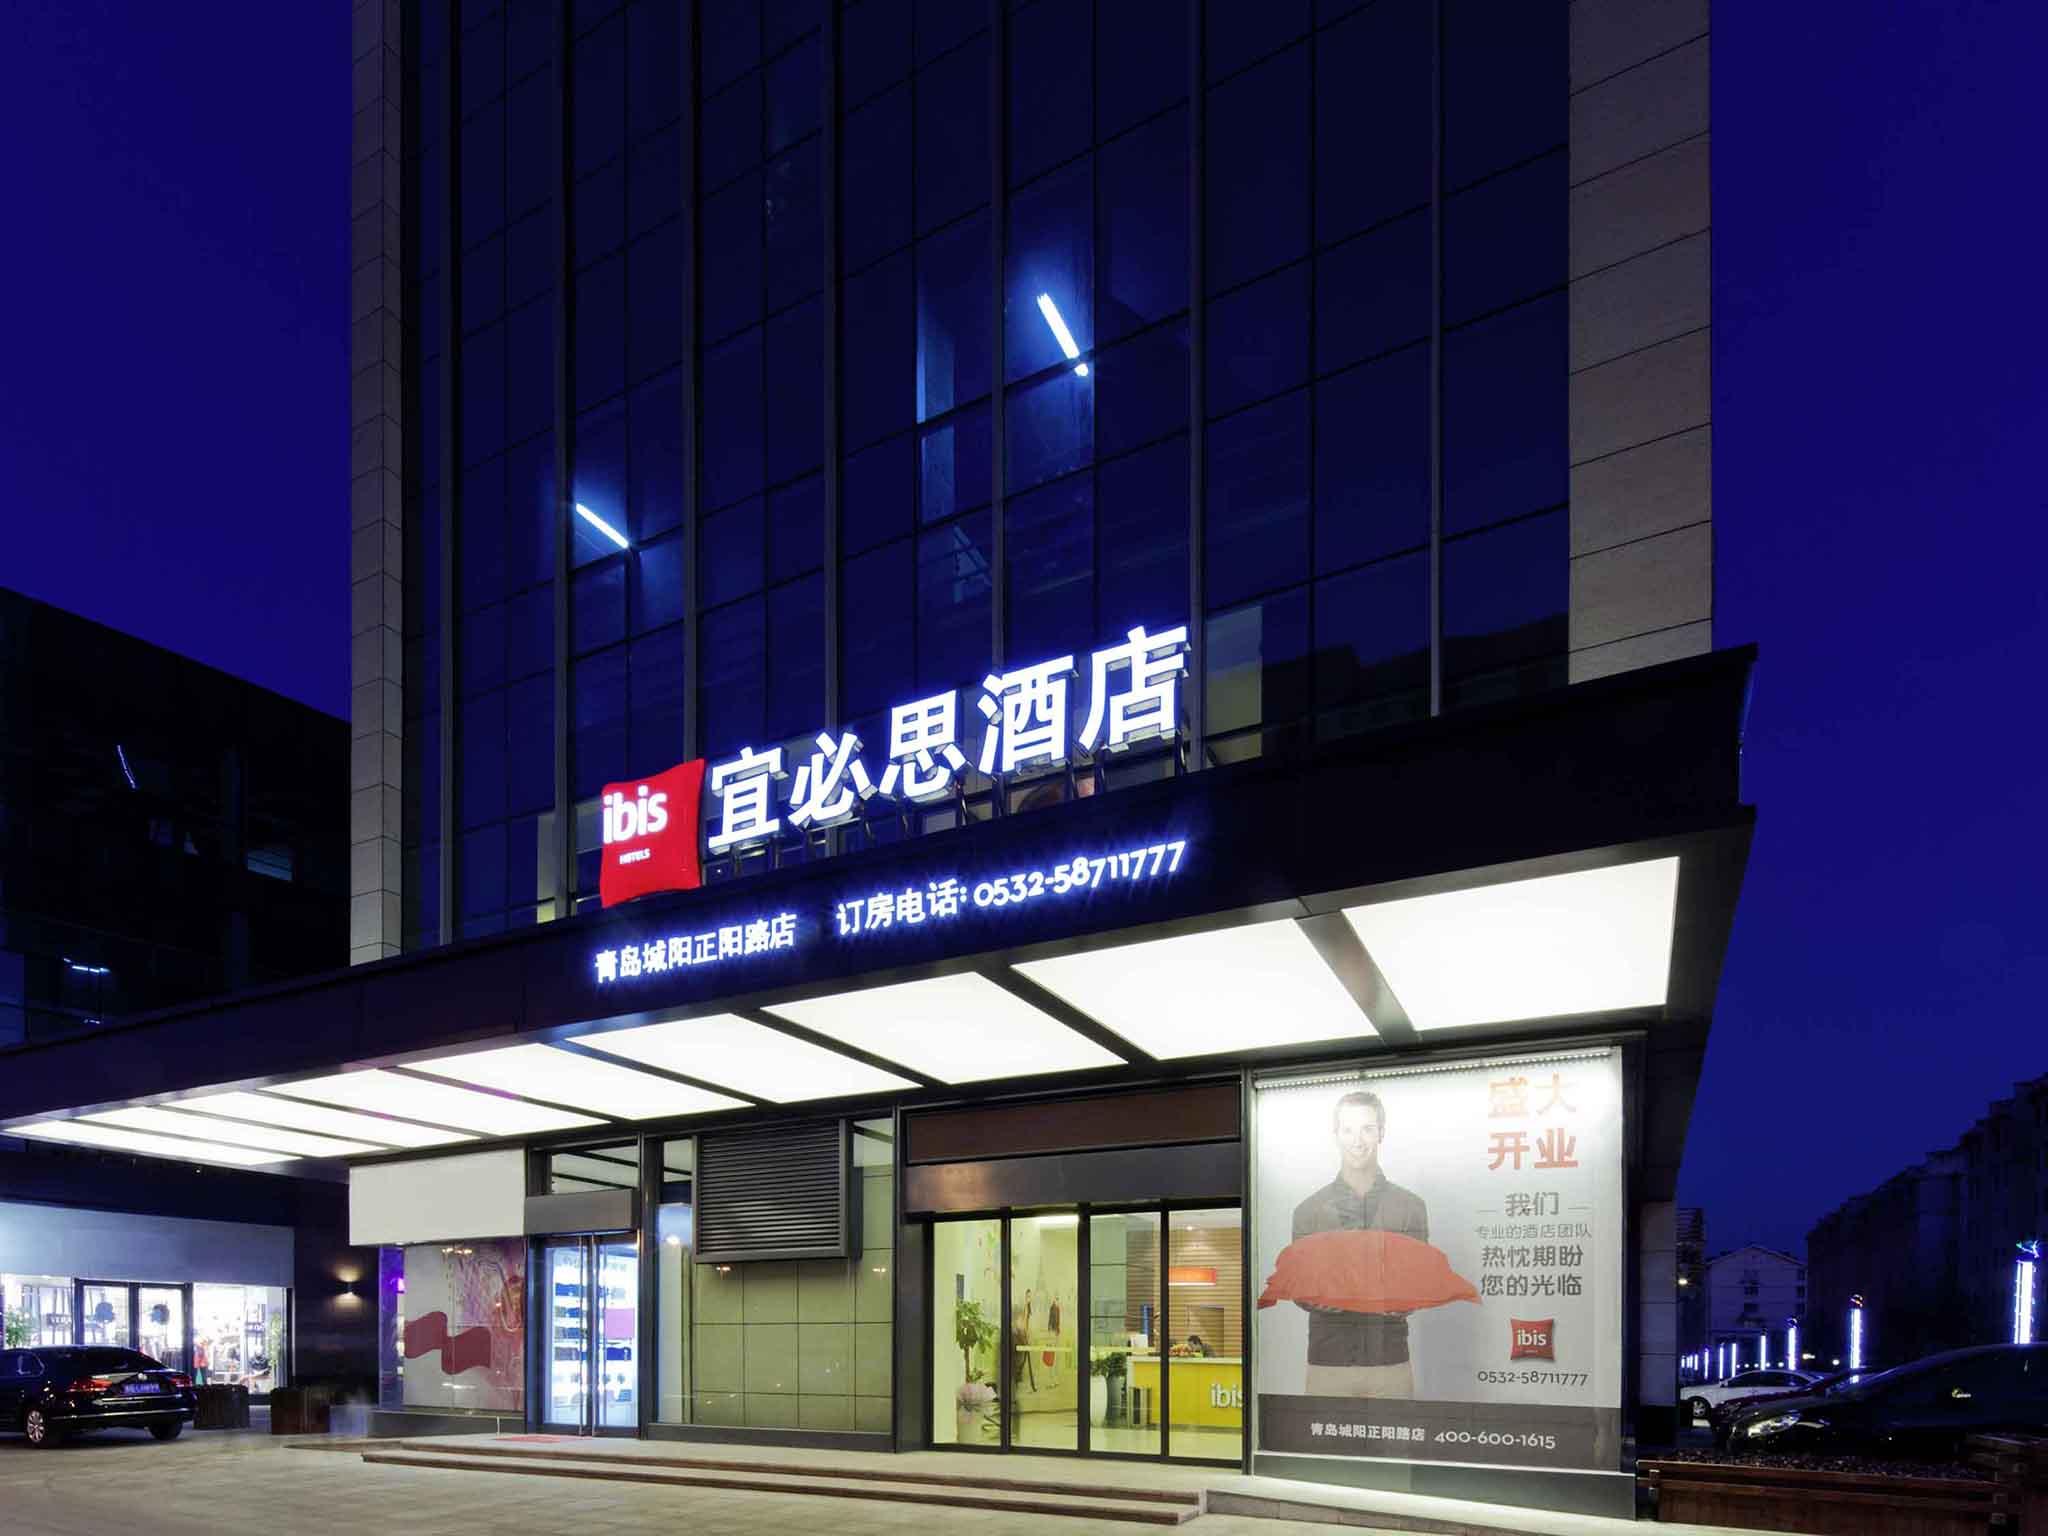 ホテル – イビス 青島 城陽